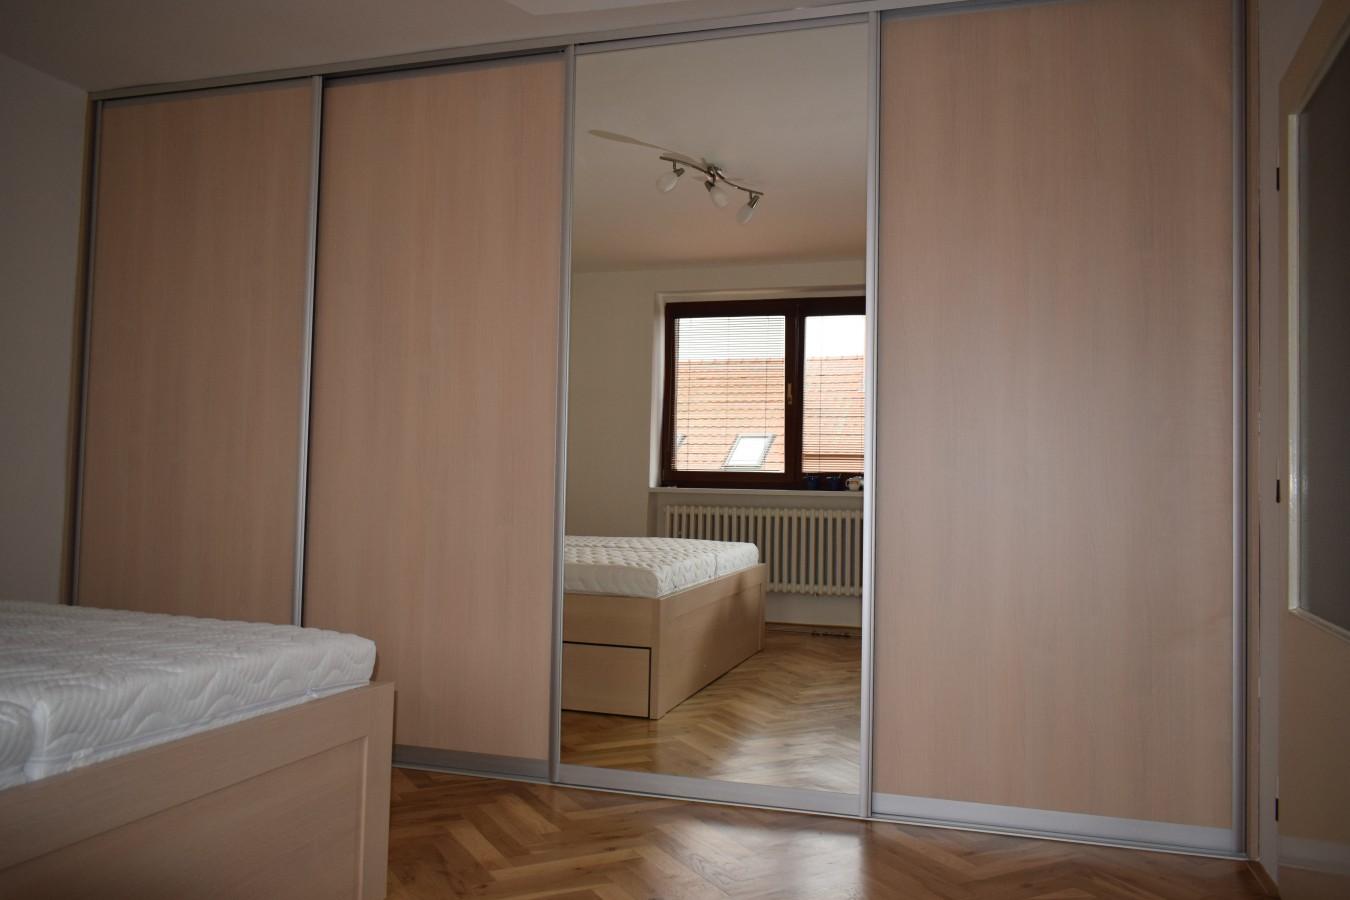 Vestavěné skříně vyrobené na míru, atypické vestavěné skříně